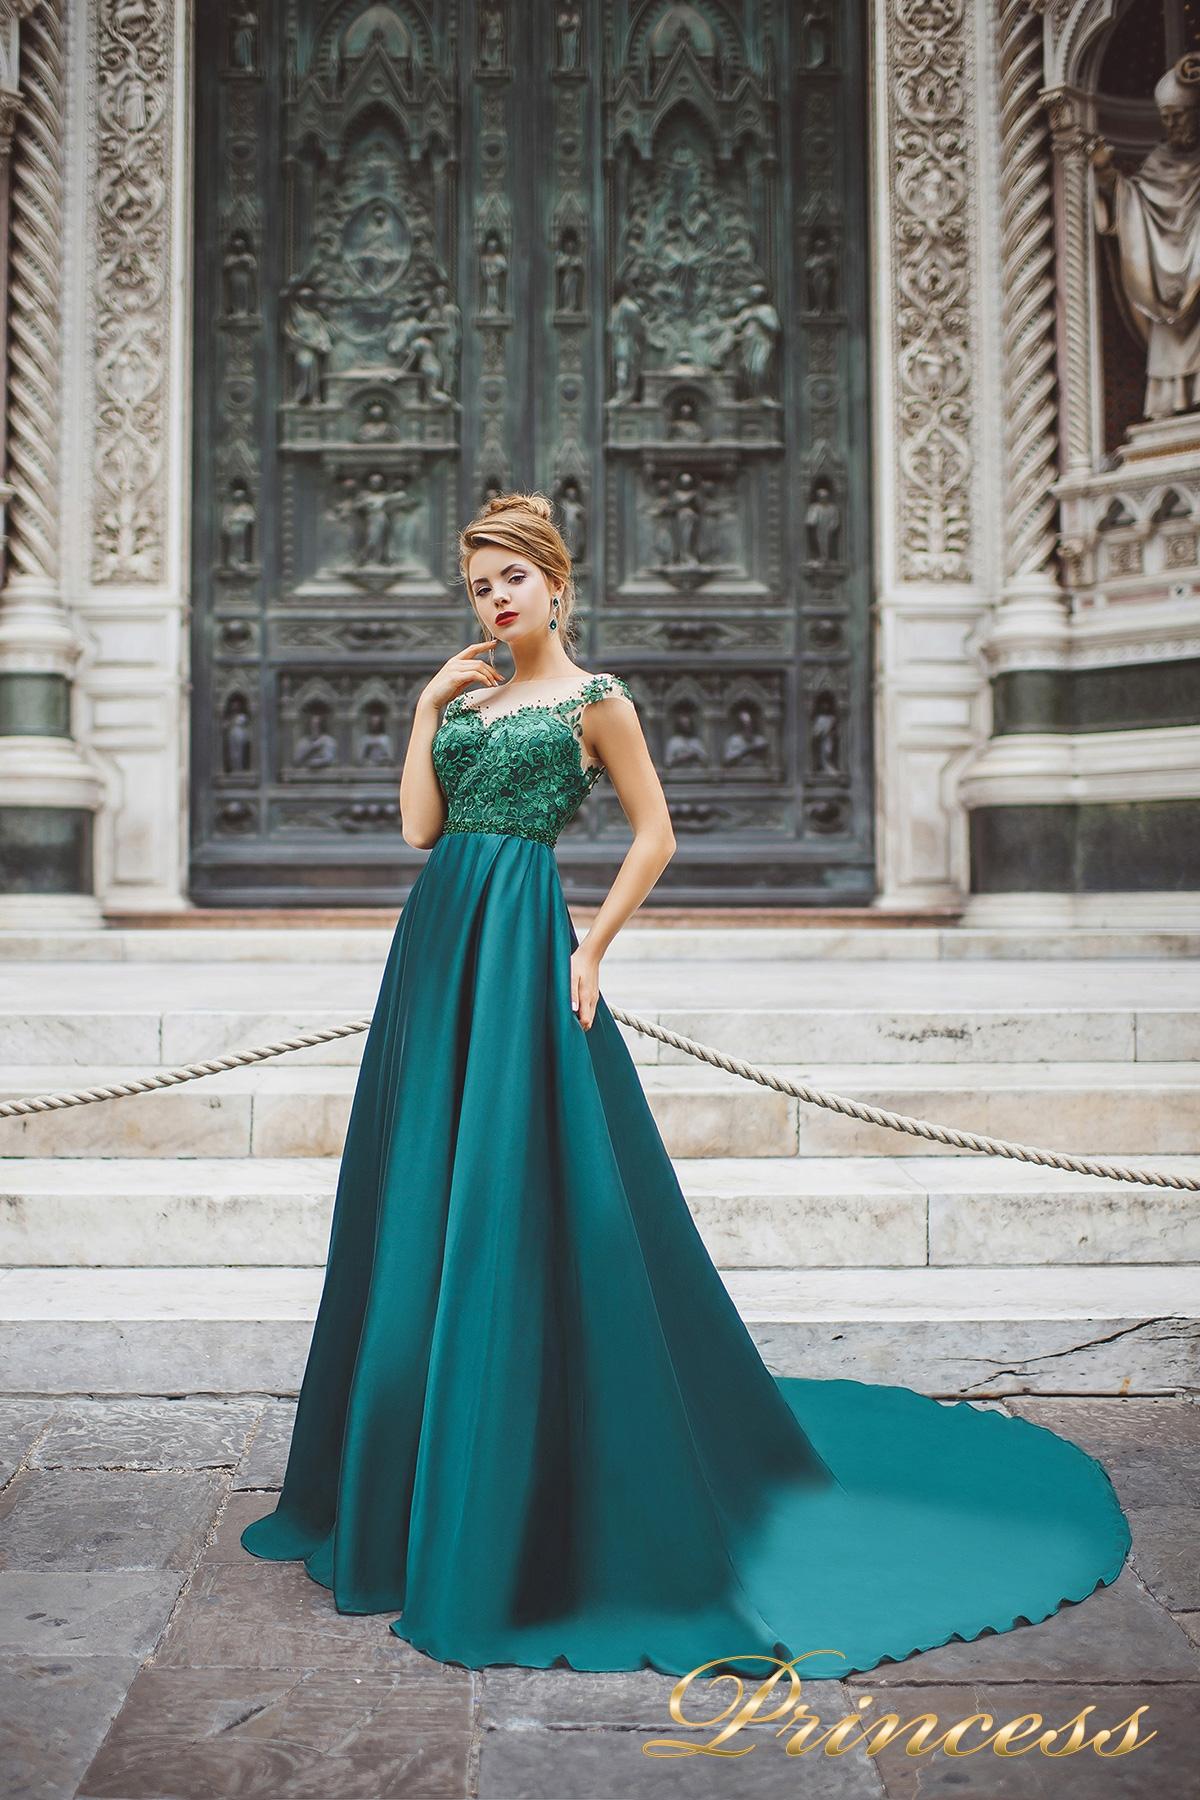 e99d17c4cd6 Купить вечернее платье 8031 зеленого цвета по цене 23500 руб. в ...